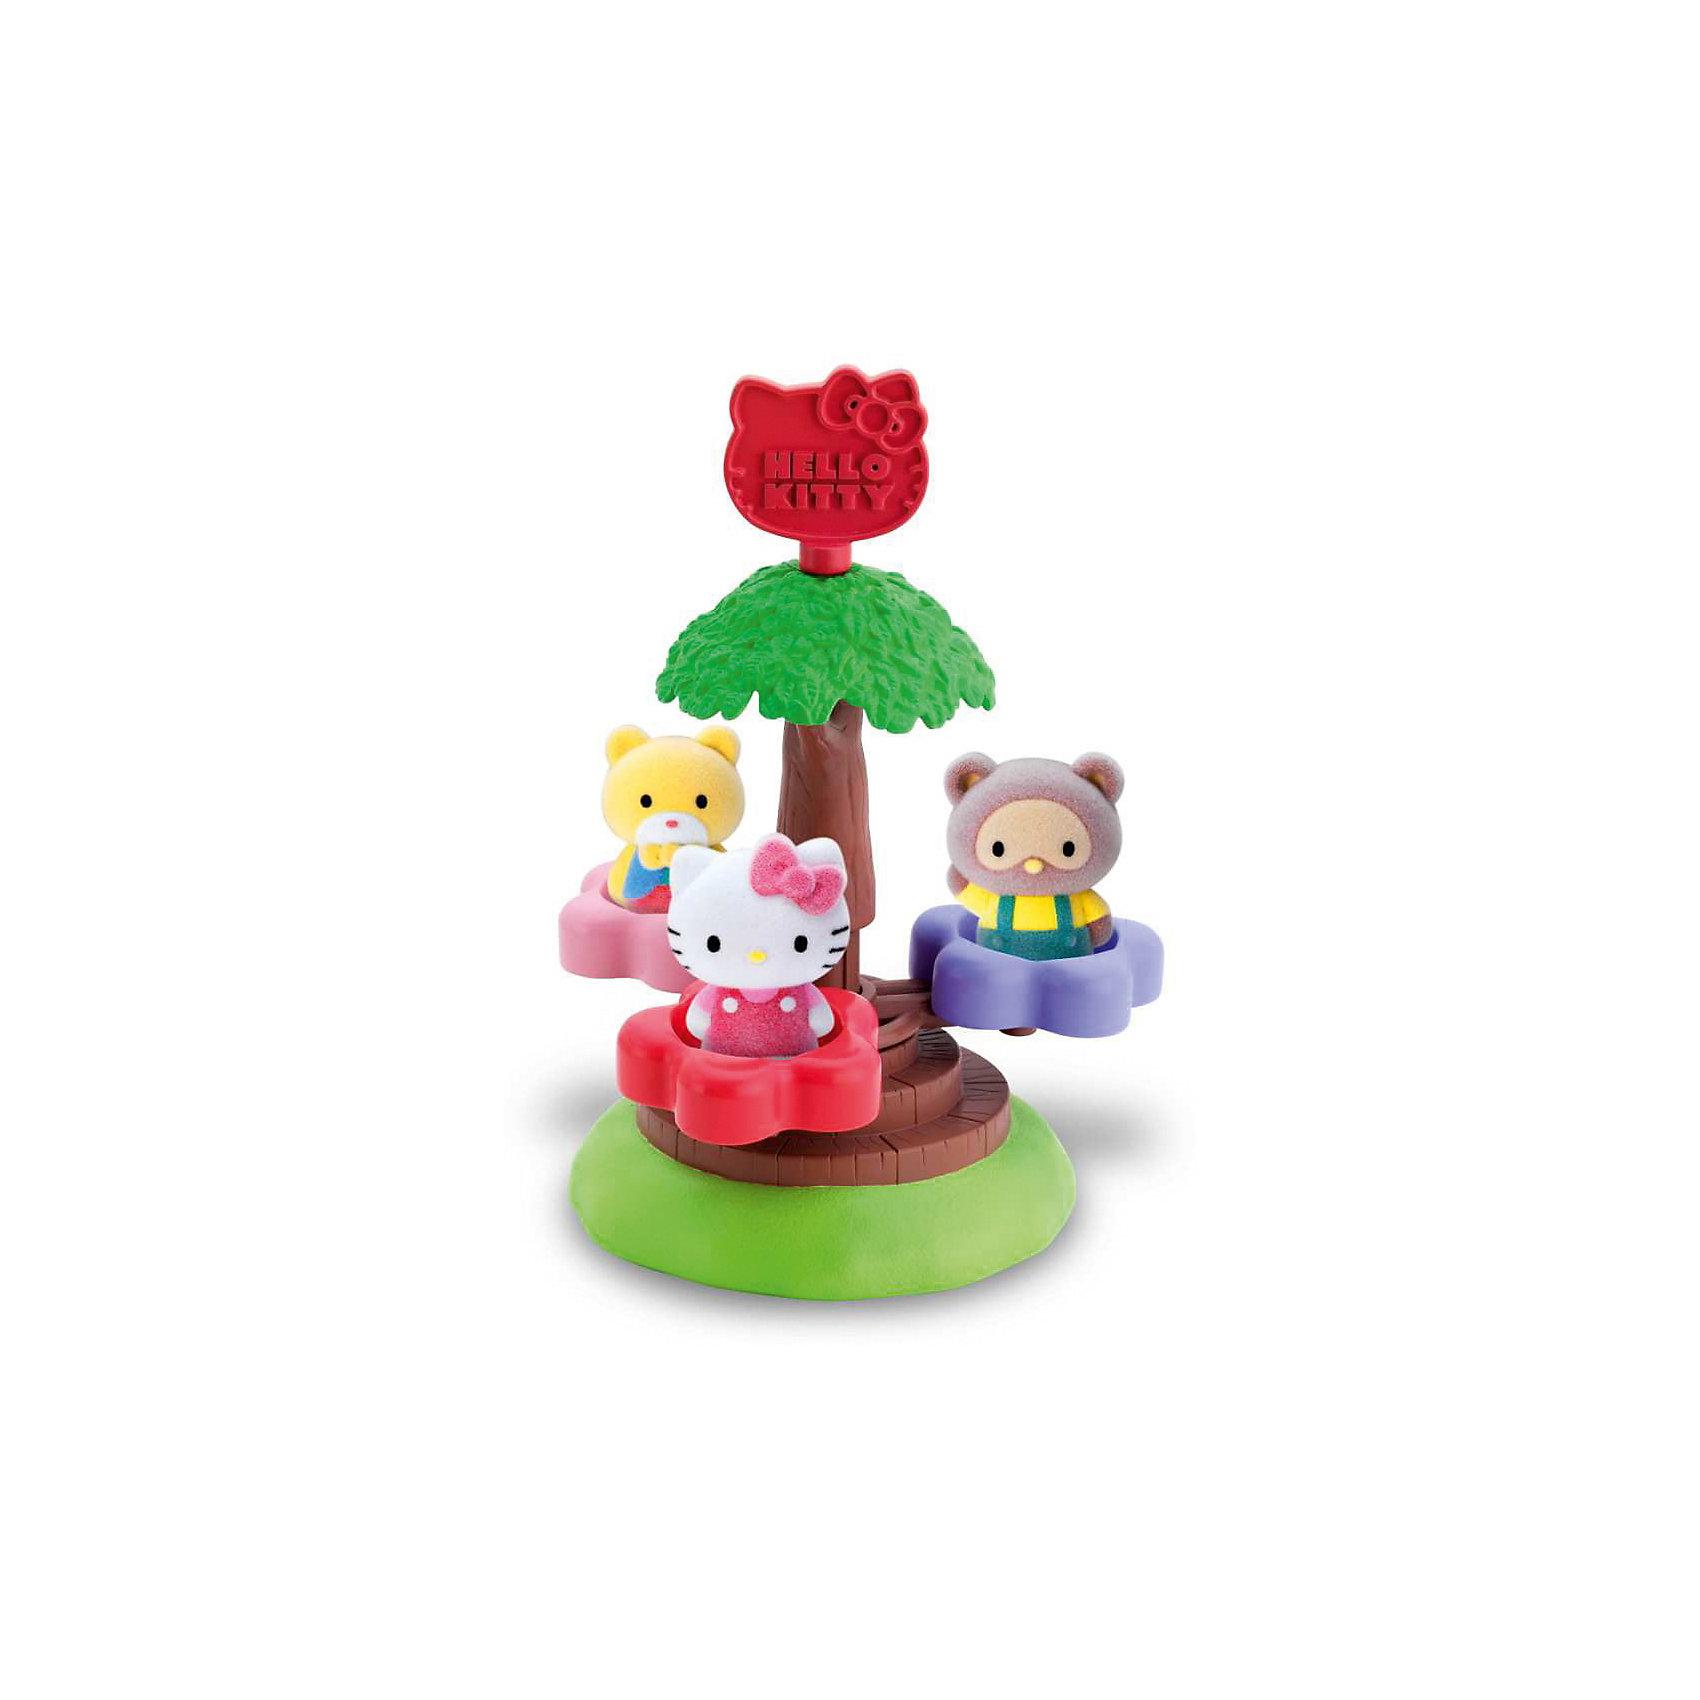 Игровой набор  Волшебная карусель Hello Kitty, Blue BoxЗамечательный набор понравится всем любителям очаровательной кошечки. Прокатись на веселой карусели вместе с Китти и ее друзьями! Маленькие бархатные фигурки очень приятны на ощупь и прекрасно помещаются в детской ладошке или кармане. Их можно брать куда угодно - на прогулку, в гости, в детский сад - теперь твои маленькие друзья всегда будут рядом. Собери все игровые наборы  Hello Kitty (Хелло Китти) и создай маленький городок, в котором будет уютно Kitty и ее друзьям. Игрушки прекрасно детализированы и выполнены из высококачественных гипоаллергенных материалов безвредных для детей.<br>Дополнительная информация:<br><br>- Комплектация: карусель, фигурки ( 3 шт.)<br>- Материал: пластик, флок.<br>- Размер фигурки: 3,5 см.<br><br>Игровой набор Школьный автобус Hello Kitty (Хелло Кити), Blue Box<br><br>Ширина мм: 361<br>Глубина мм: 183<br>Высота мм: 435<br>Вес г: 278<br>Возраст от месяцев: 48<br>Возраст до месяцев: 84<br>Пол: Женский<br>Возраст: Детский<br>SKU: 3905882